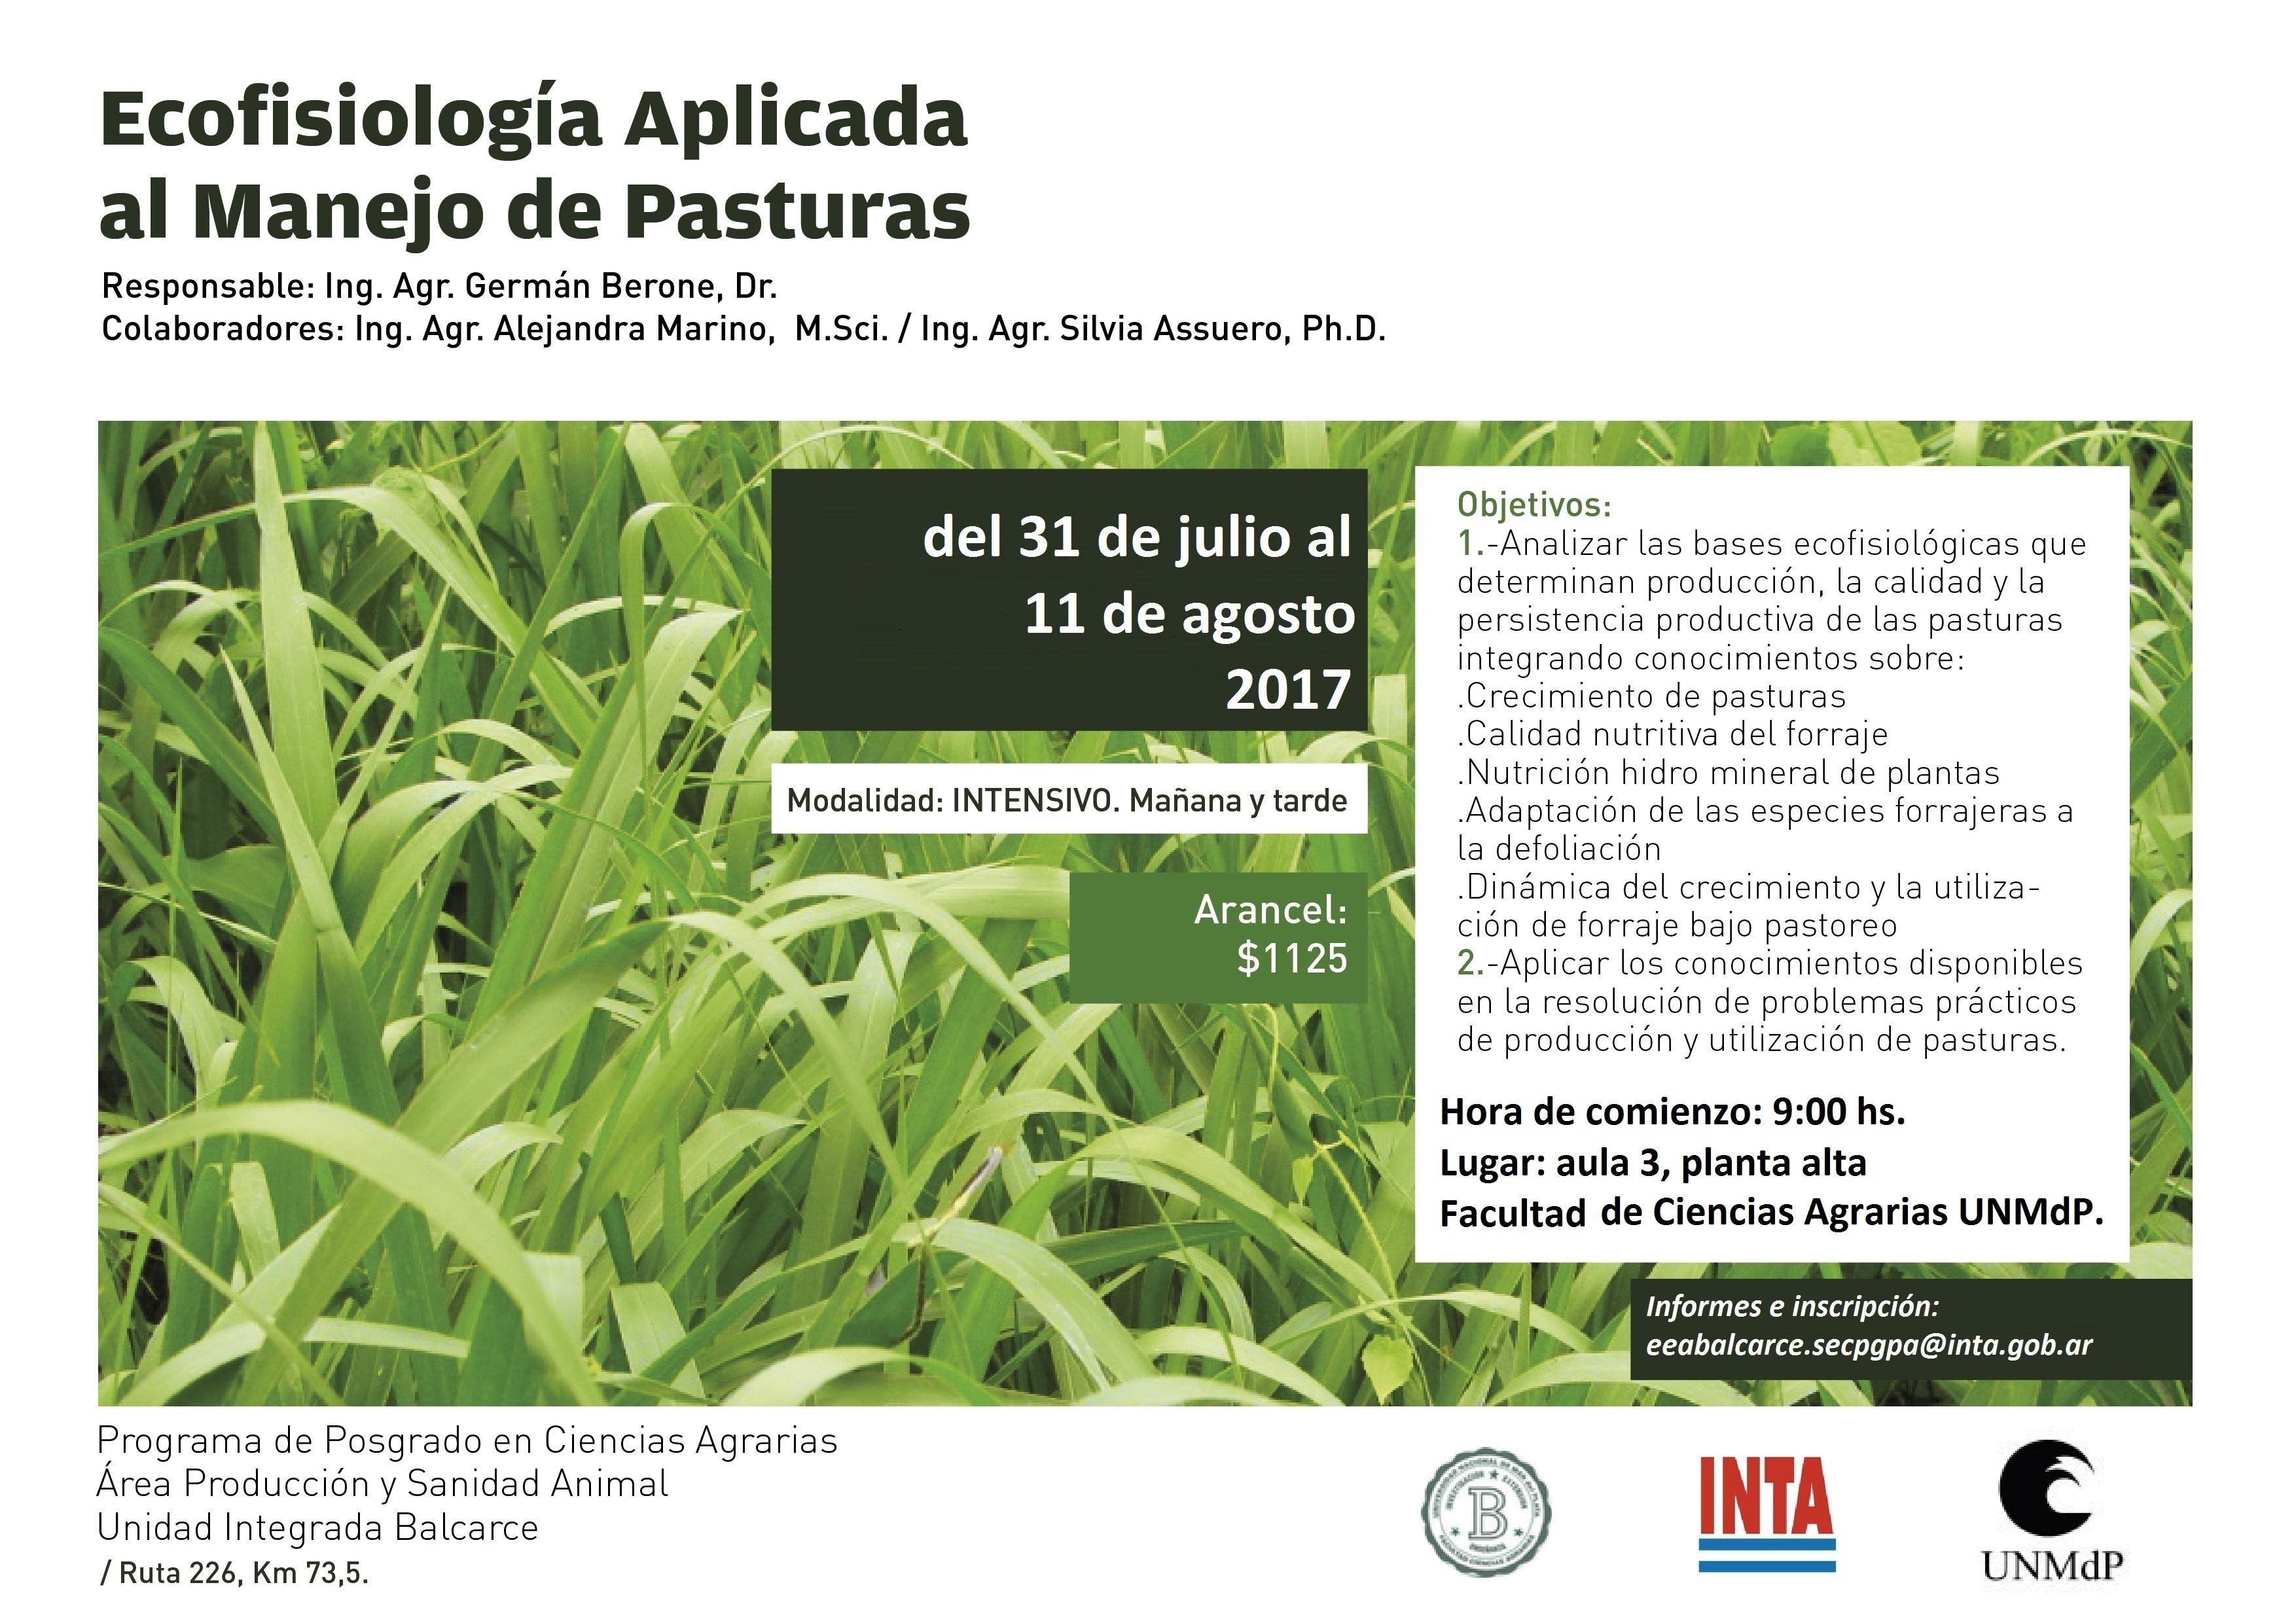 Ecofisiología Aplicada al Manejo de Cultivos